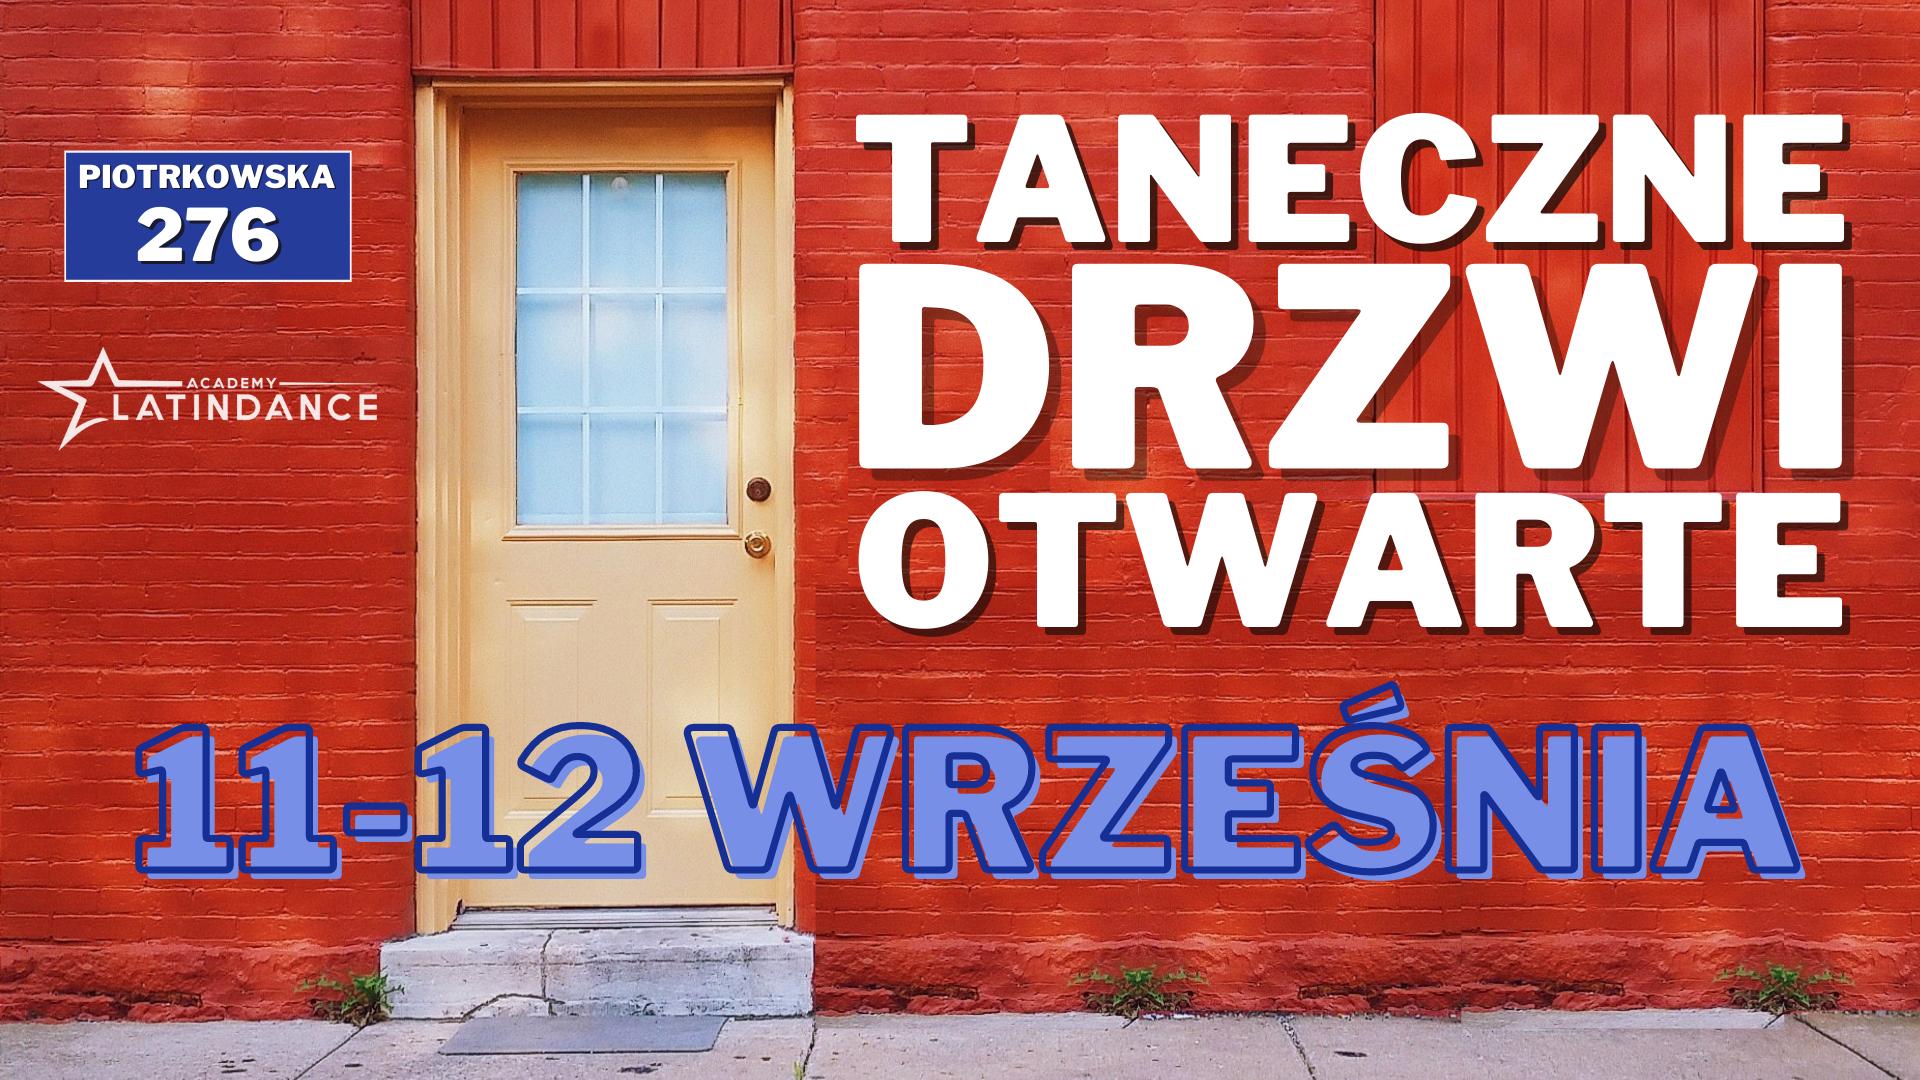 Taneczne Drzwi Otwarte w Łodzi